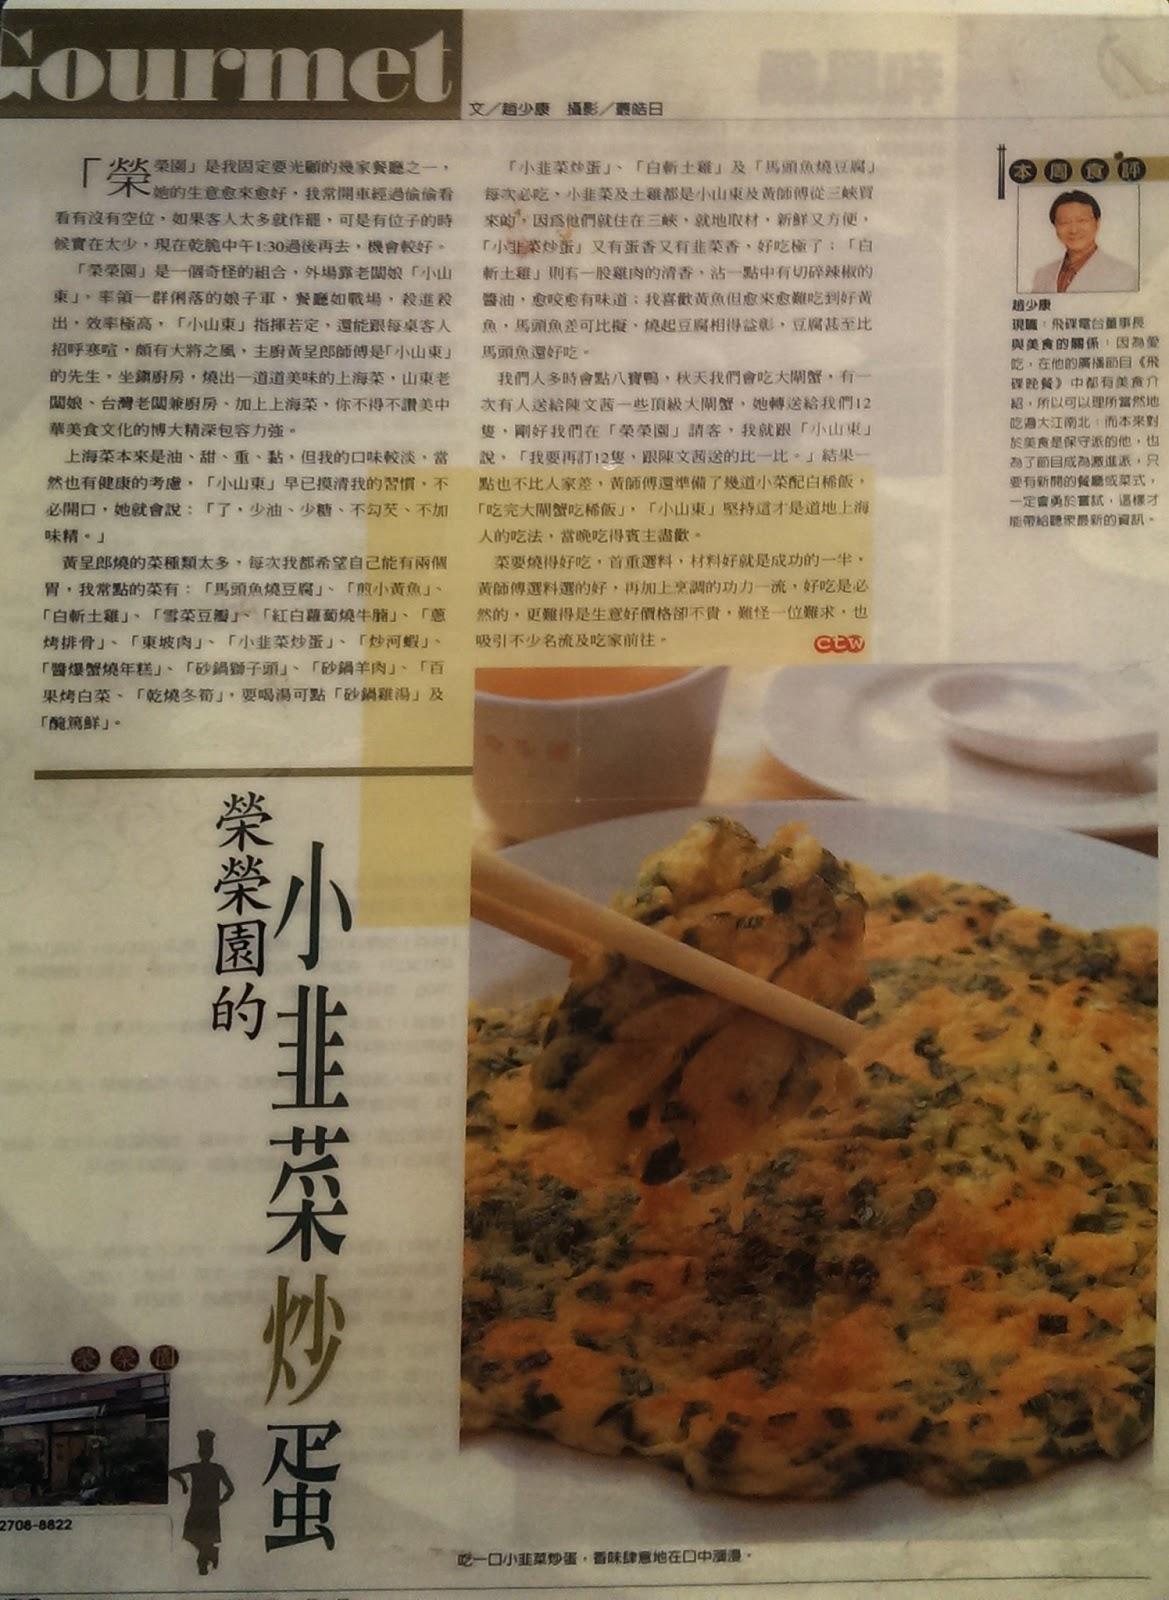 榮榮園浙寧餐廳: 知名主持人趙少康推薦 / GOURMET 採訪報導